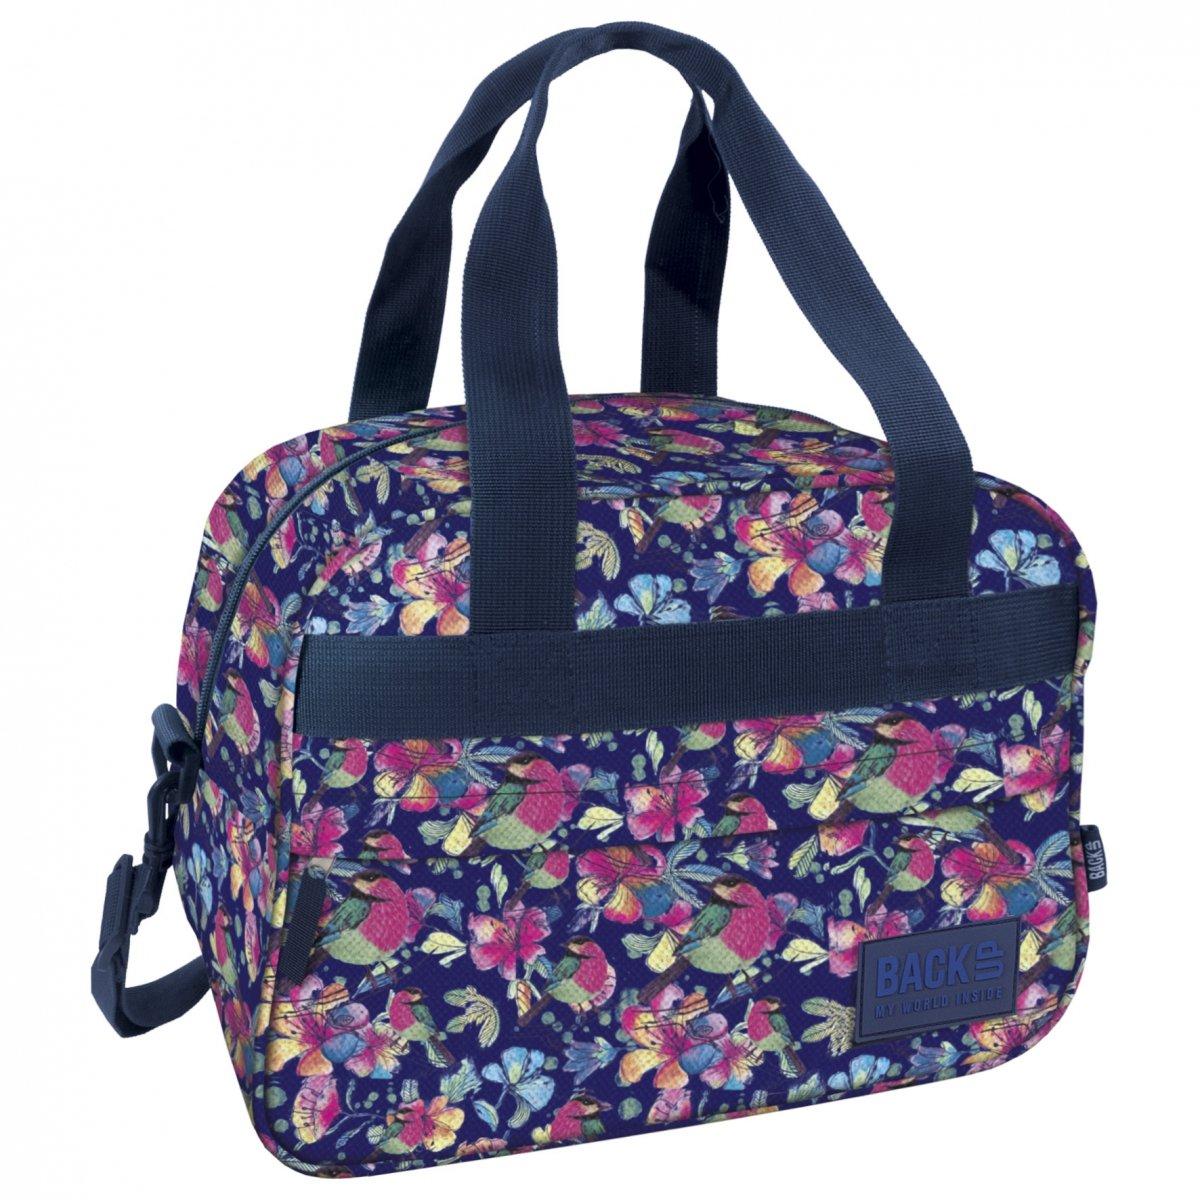 c56f659f93820 Torba podróżna, sportowa Back UP pastelowe kwiaty SPRING (TPB1A4 ...